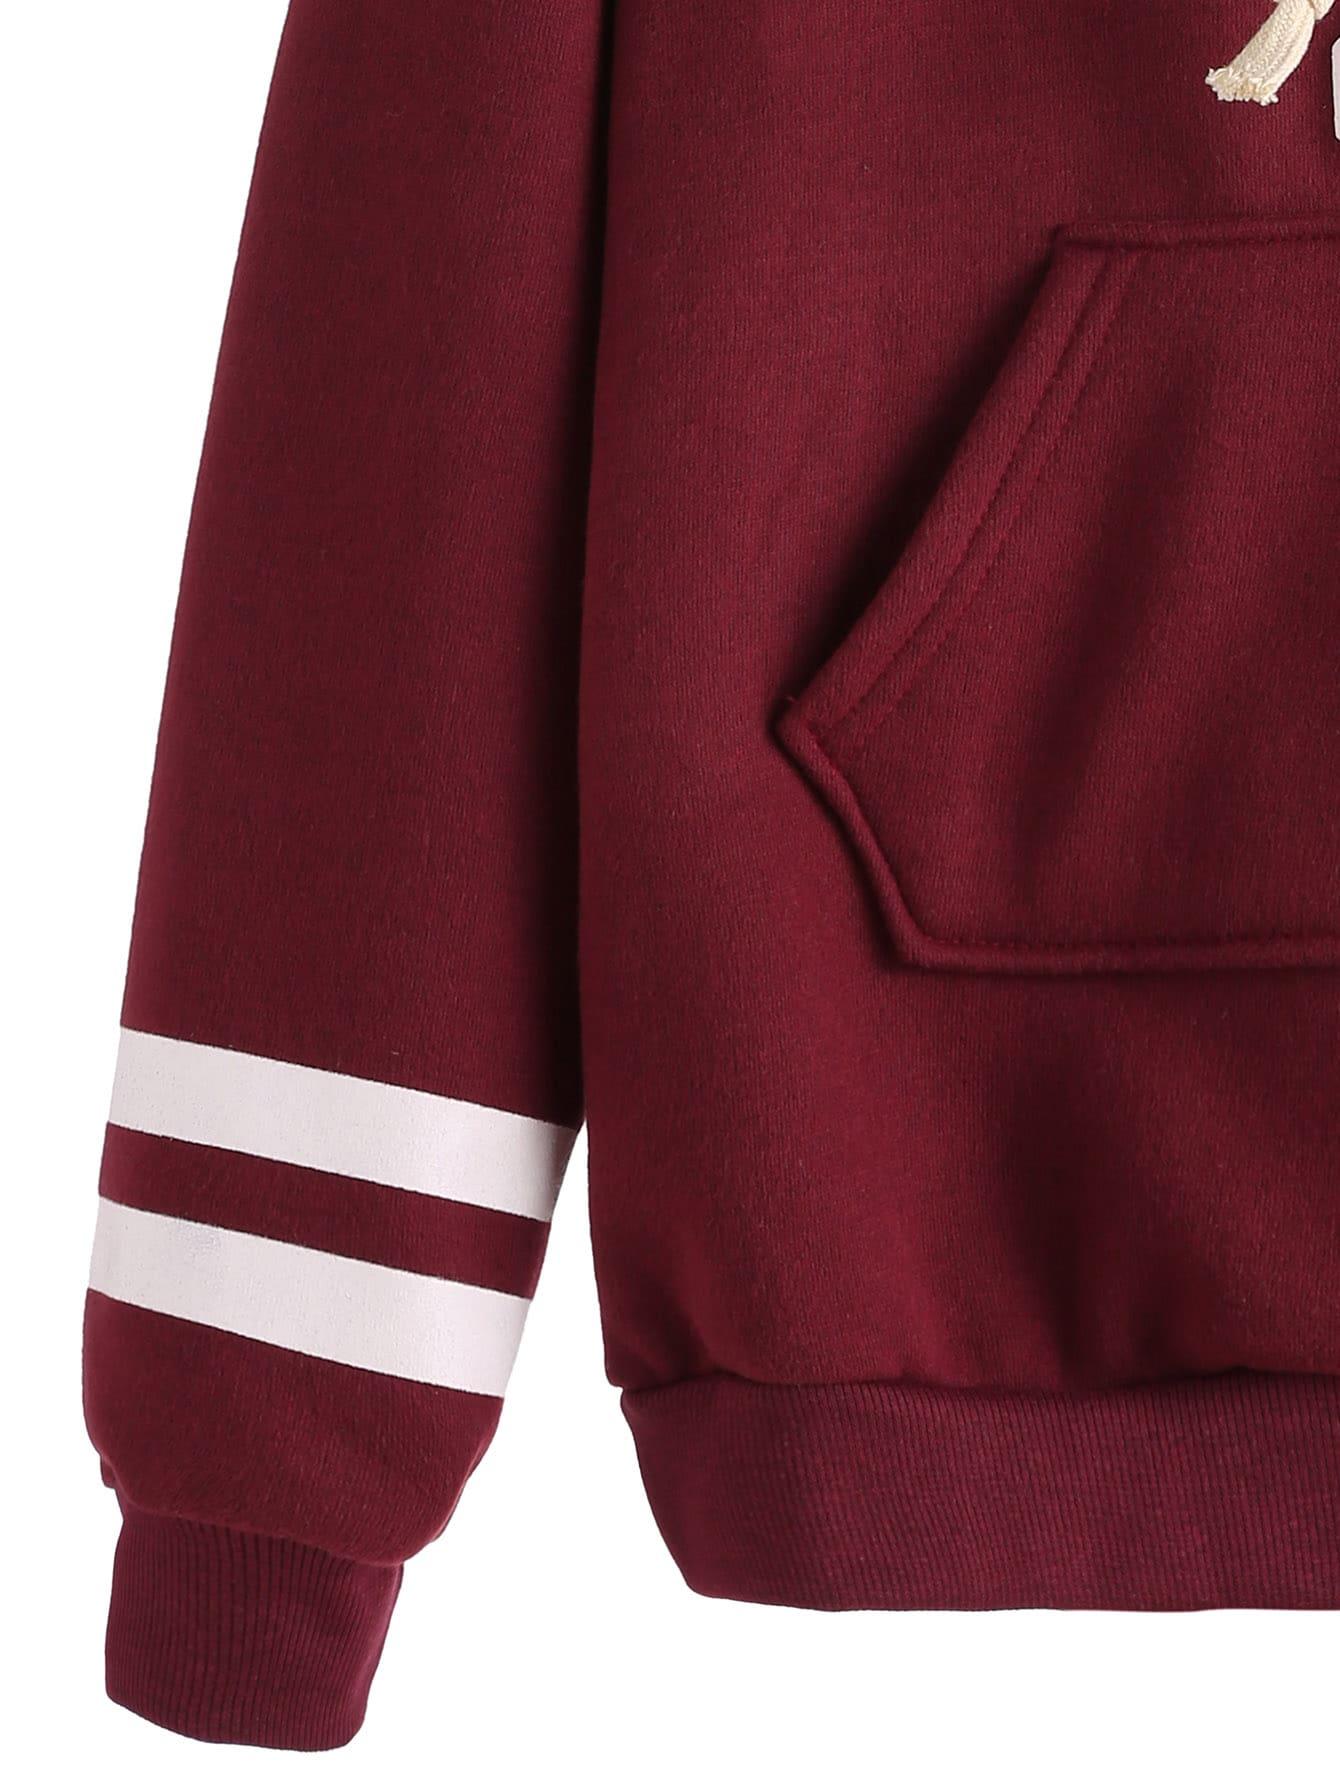 sweatshirt160905026_2